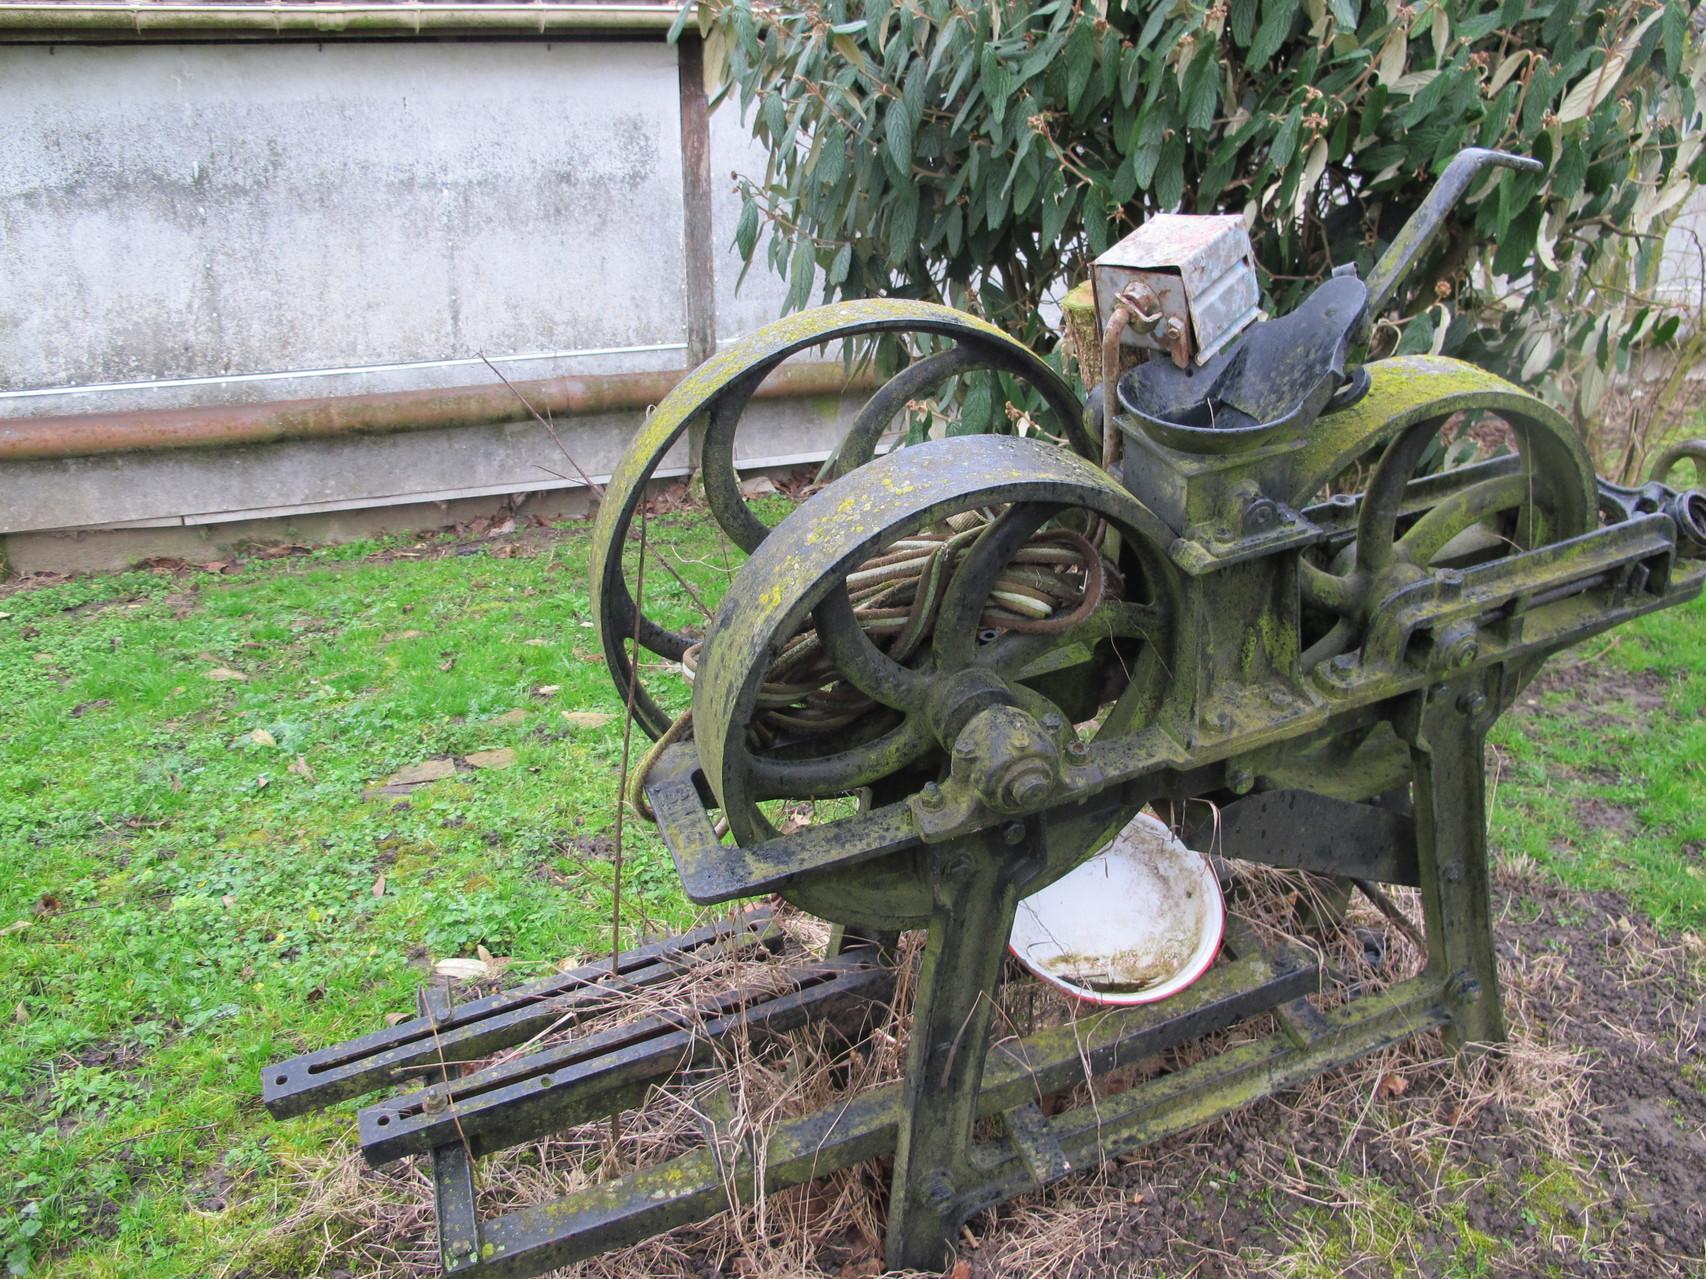 ancienne machine pour moudre l'avoine